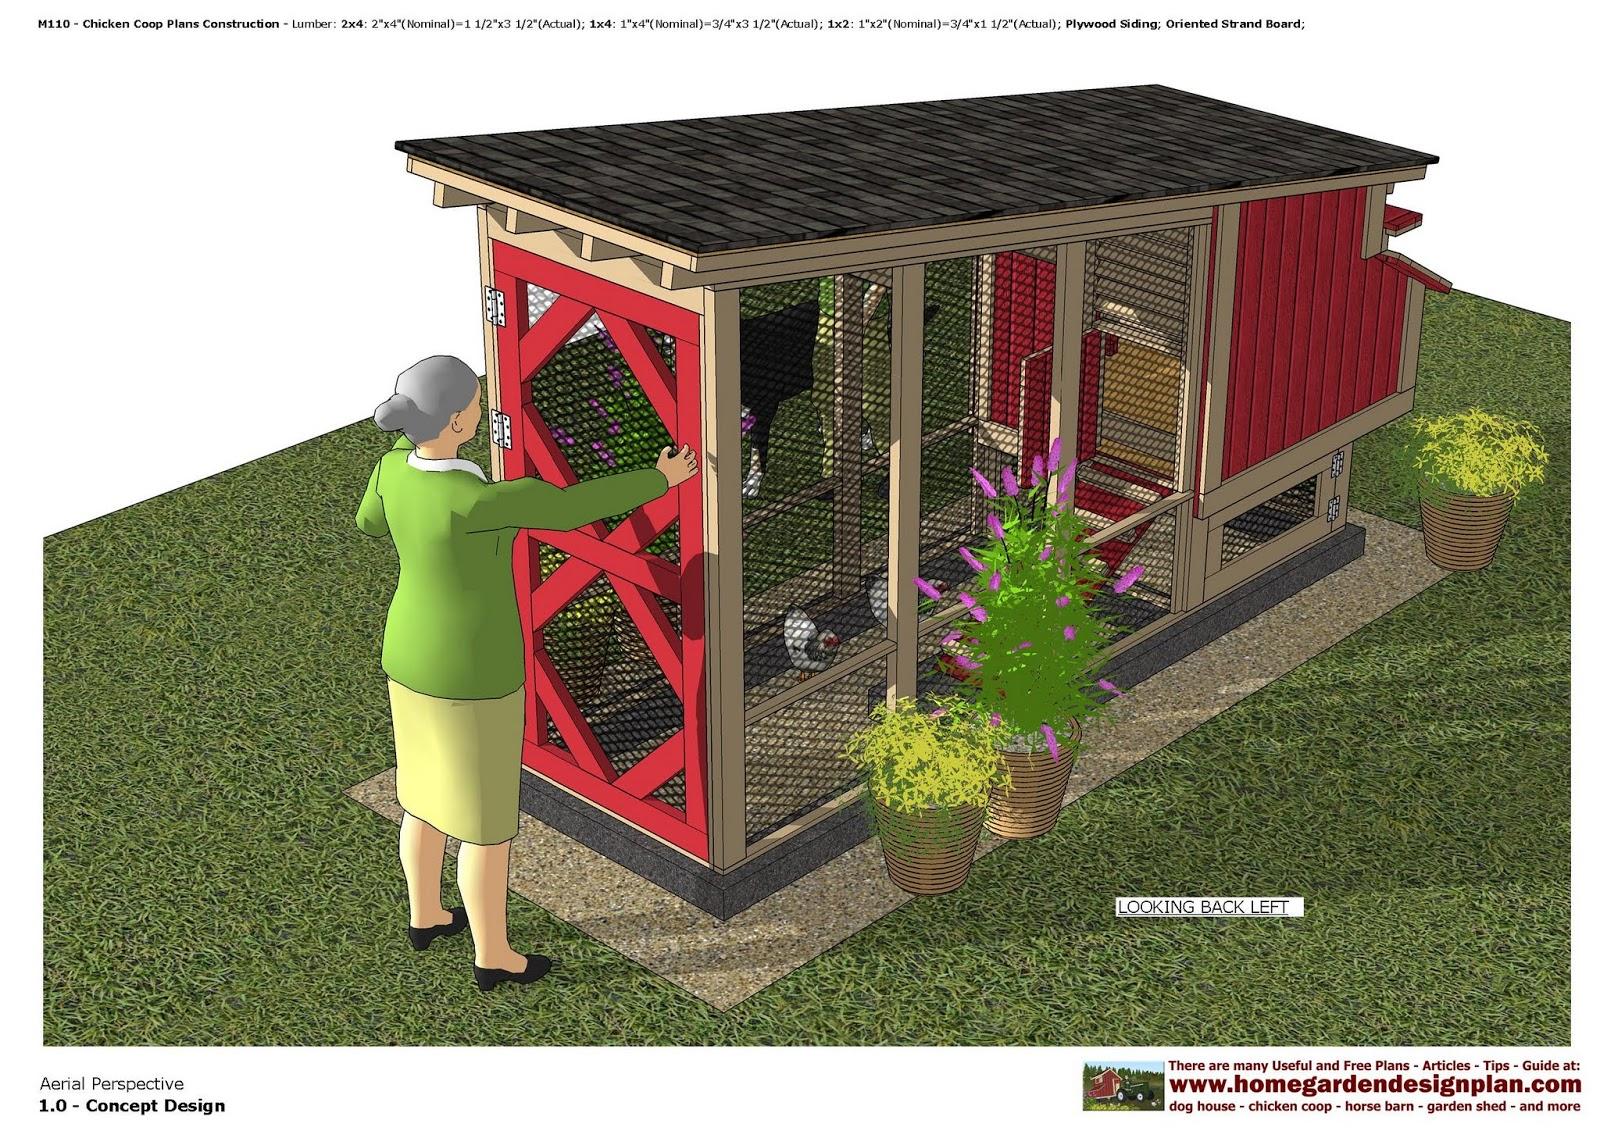 home garden plans M110 Chicken Coop Plans Construction Chicken – Chicken Coop With Garden Roof Plans